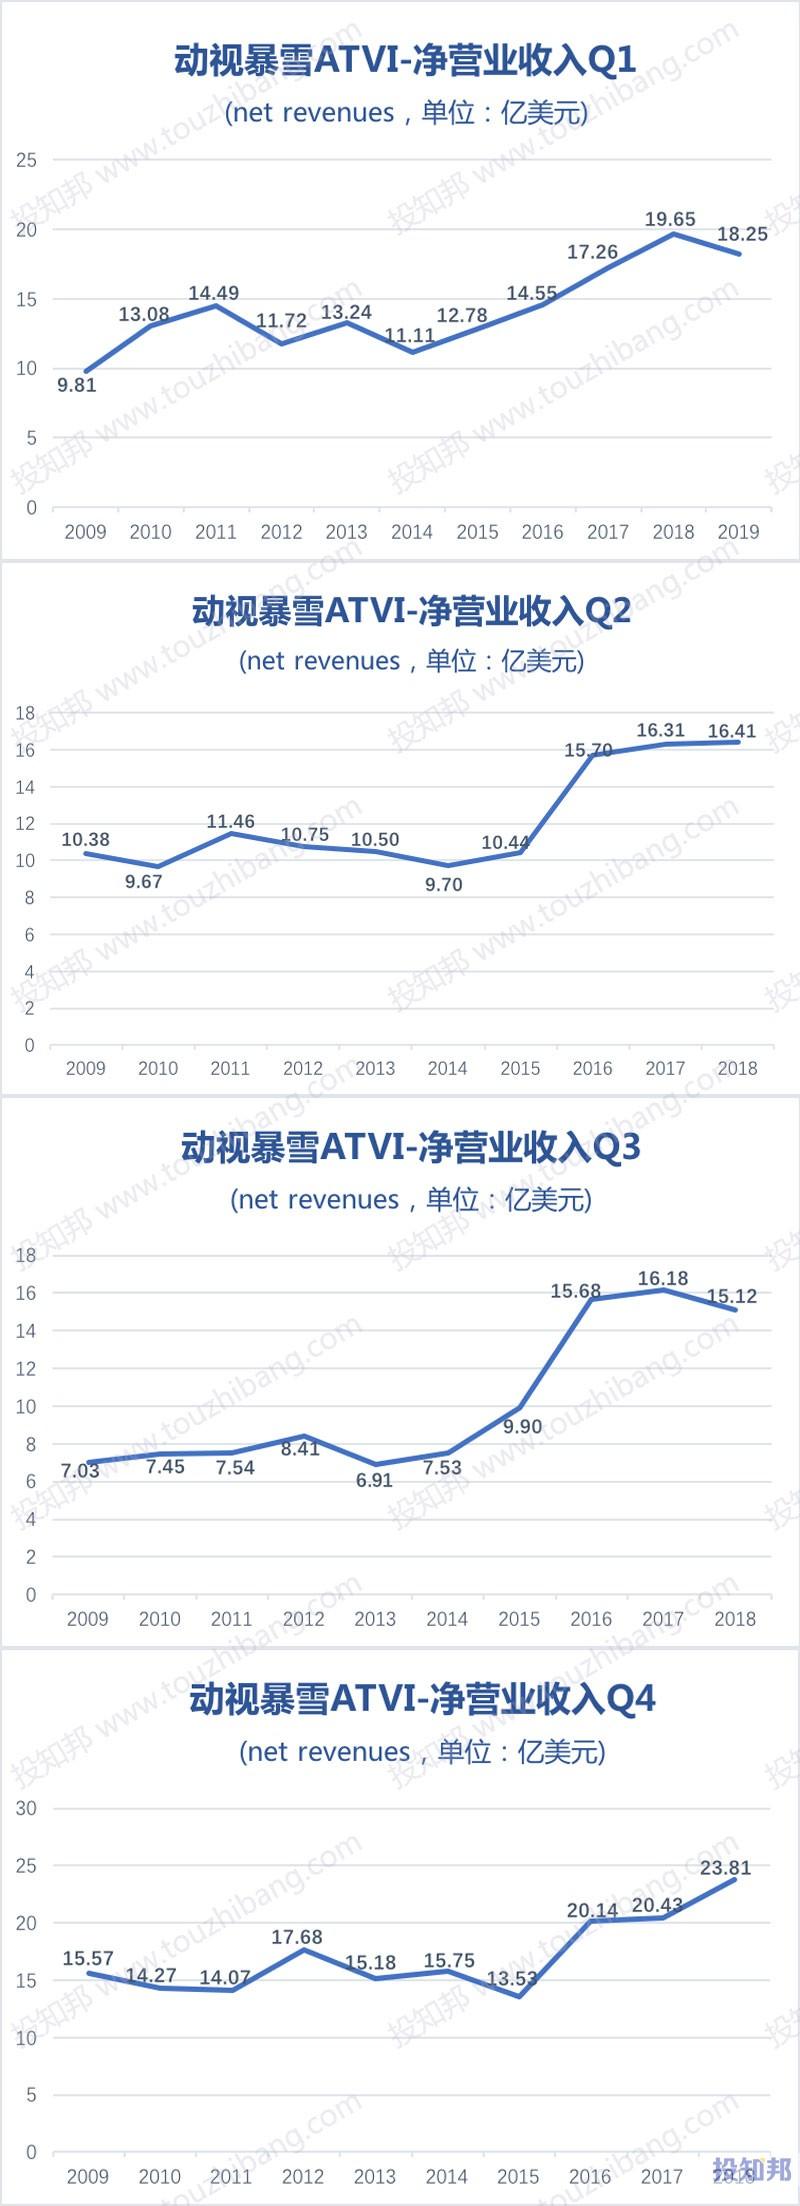 图解动视暴雪(ATVI)财报数据(2009年~2019年Q1)